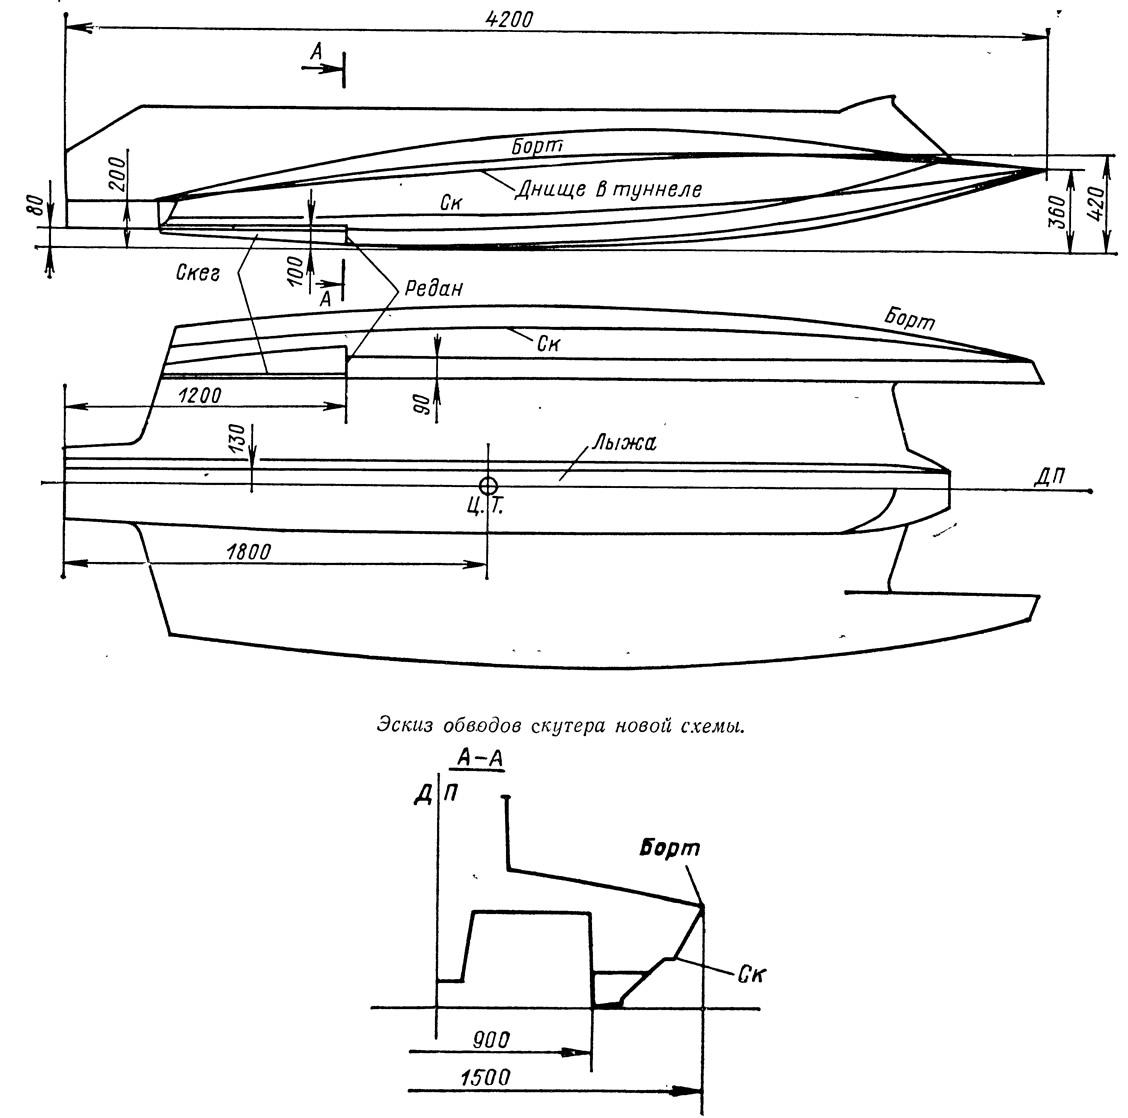 Эскиз обводов скутера новой схемы